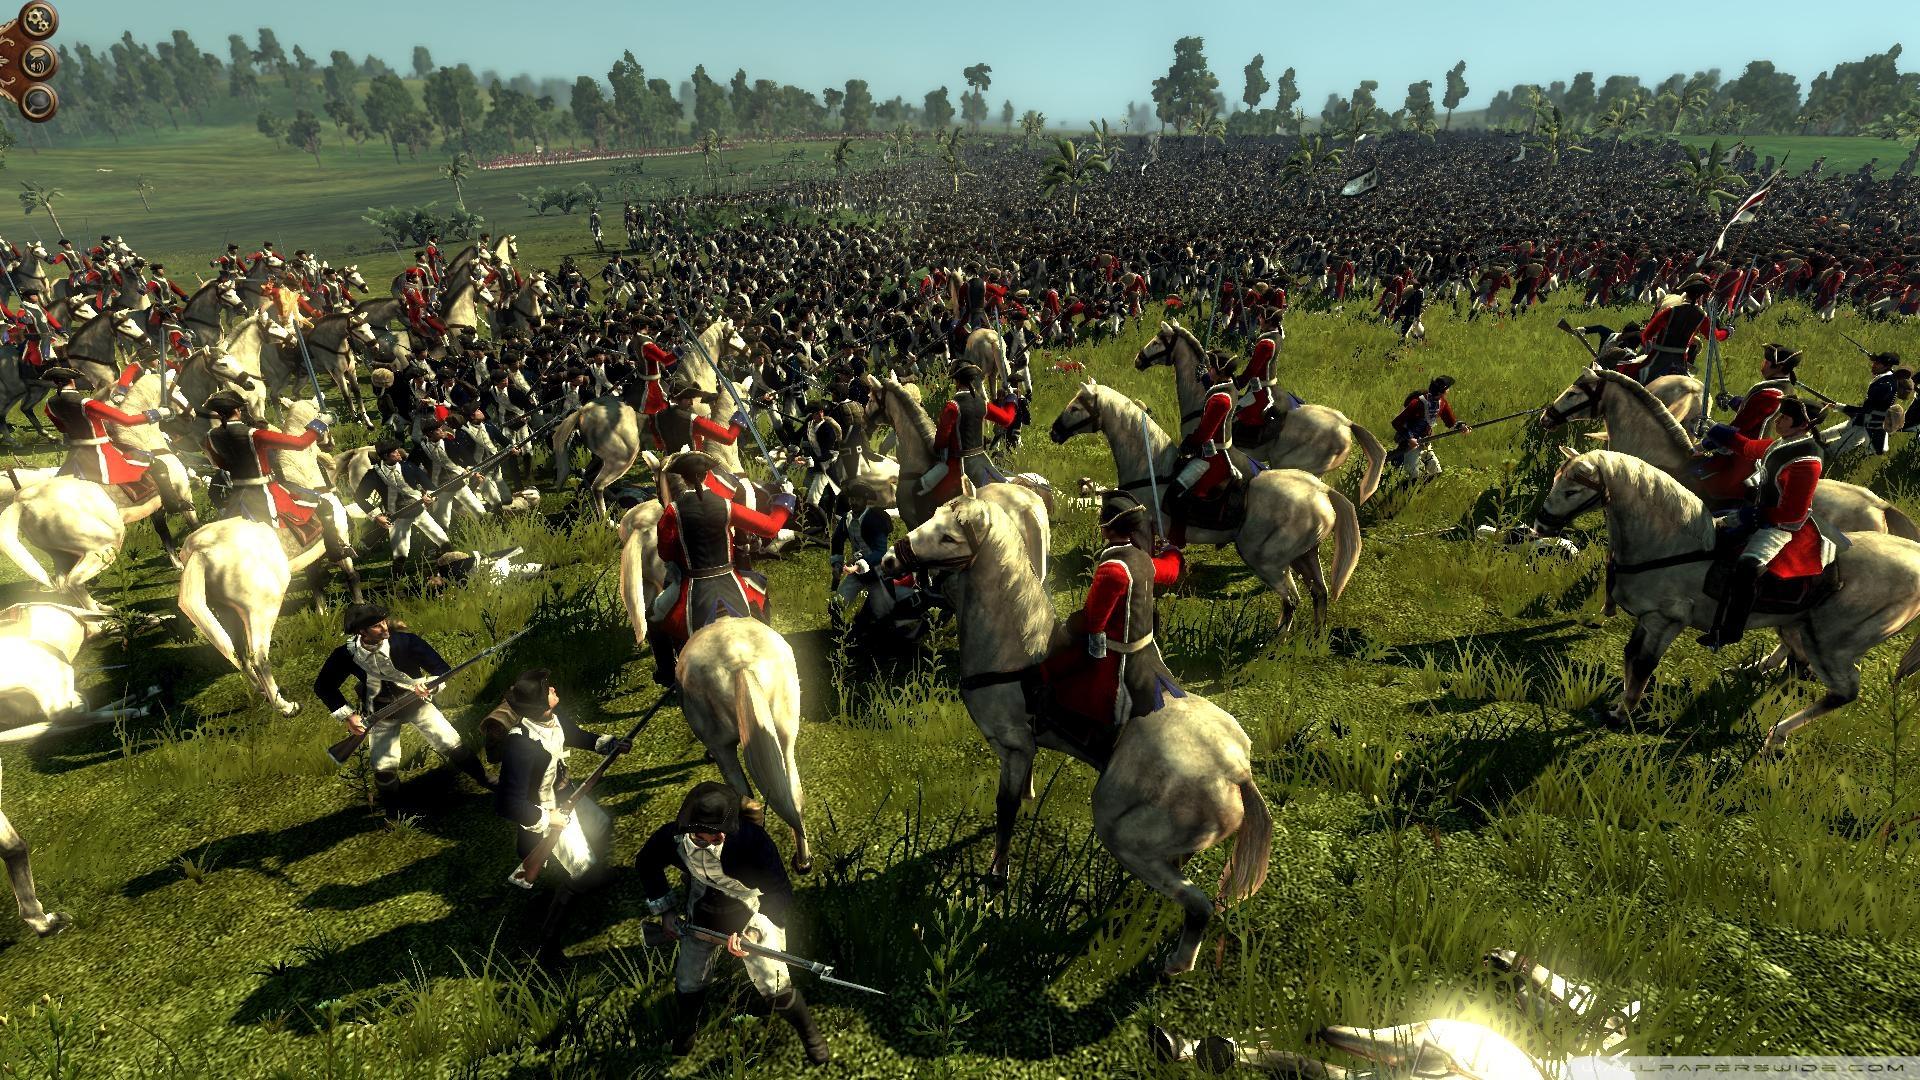 Empire Total War Battlefield Wallpaper 1920x1080 Empire Total War 1920x1080